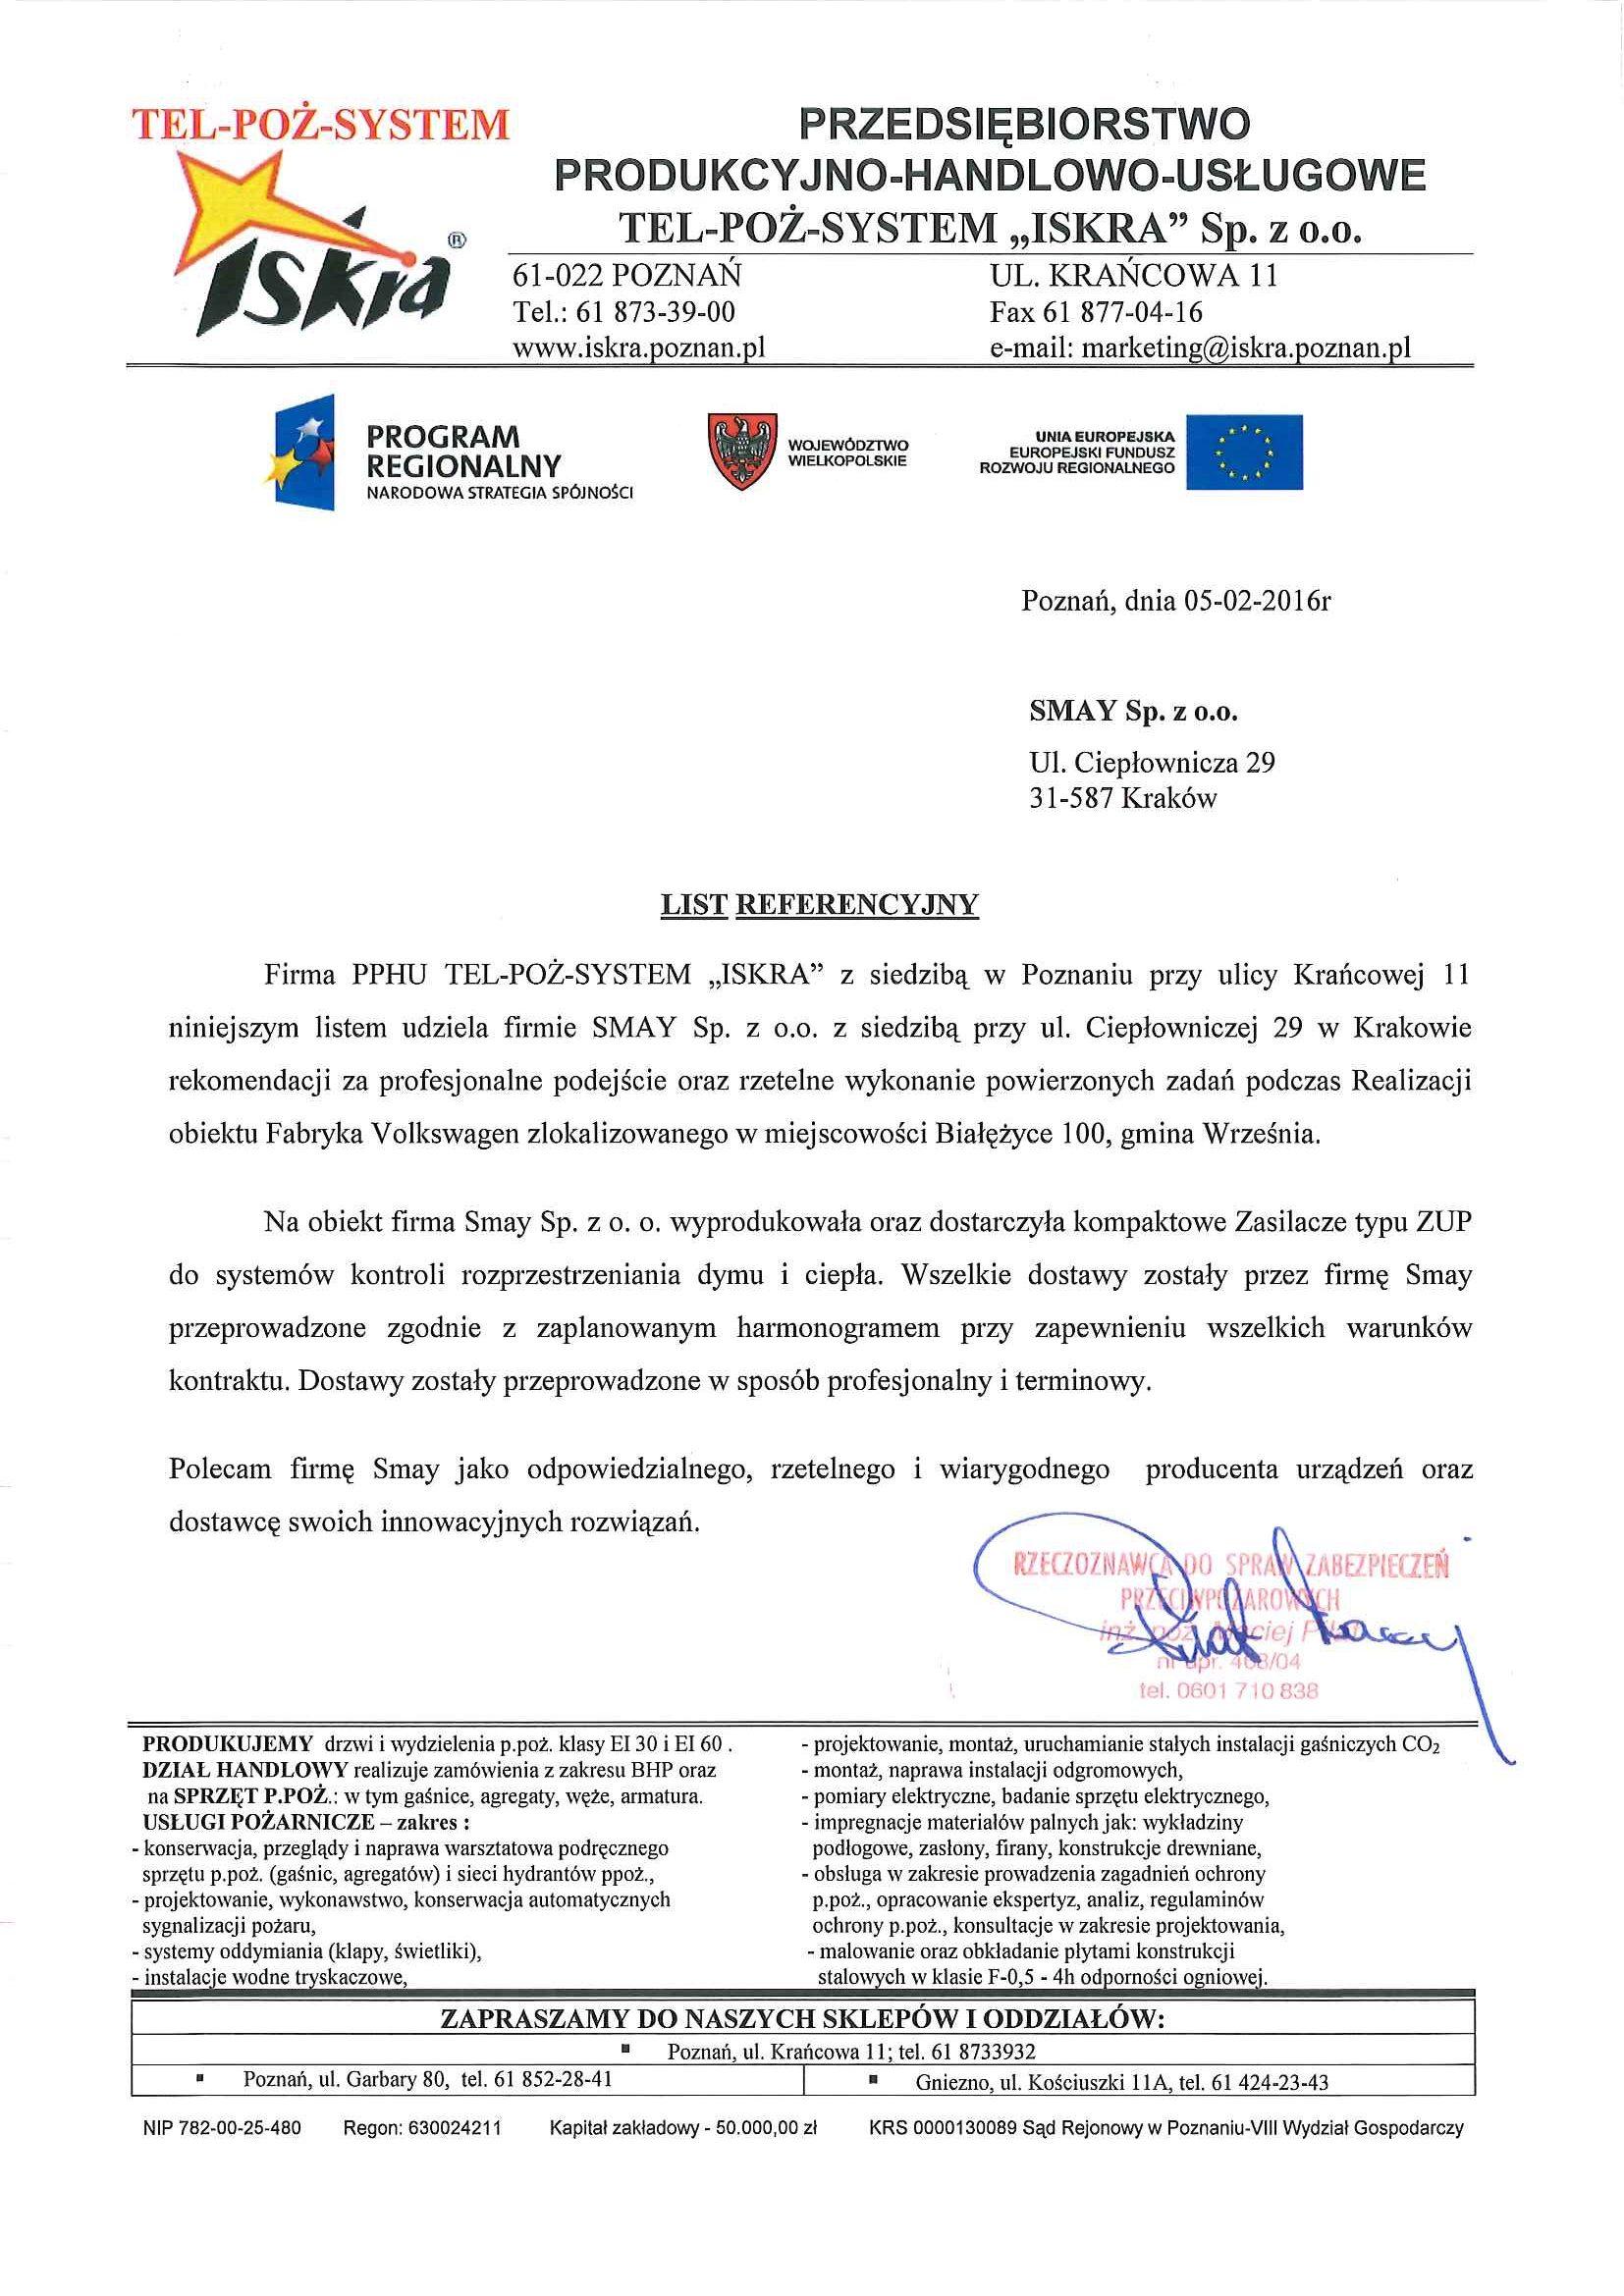 Reference - PPHU TEL-POŻ-SYSTEM